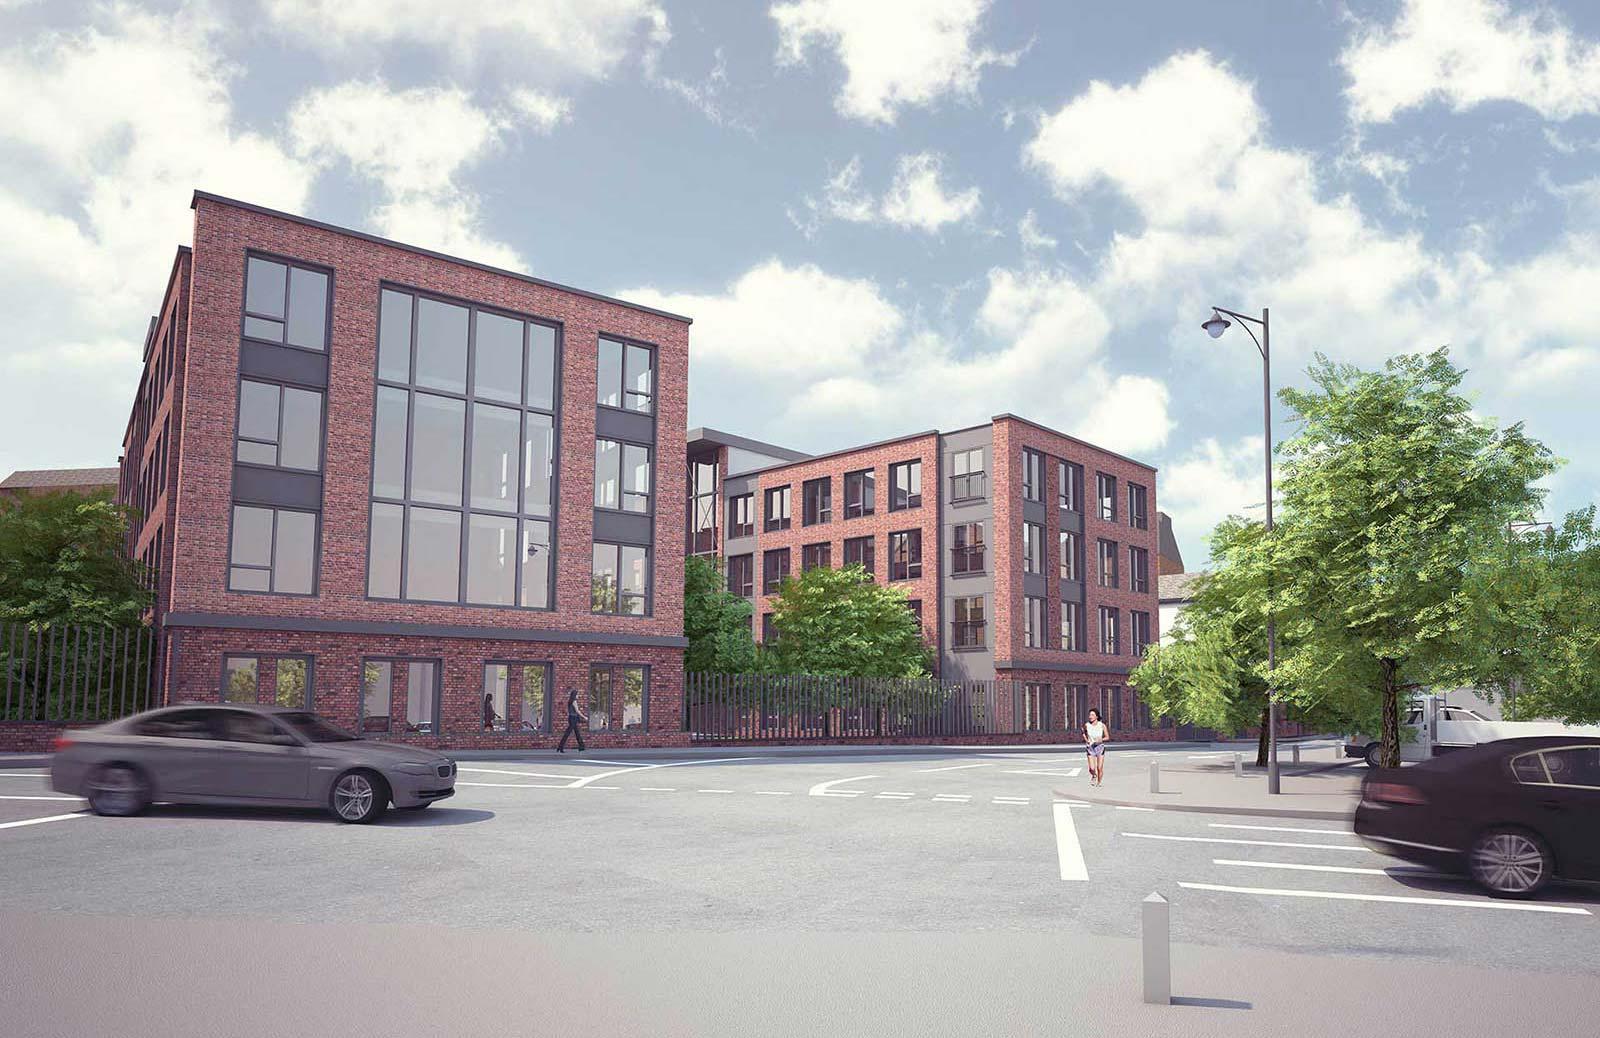 SHREWSBURY STUDENT HOUSING by POD Architects